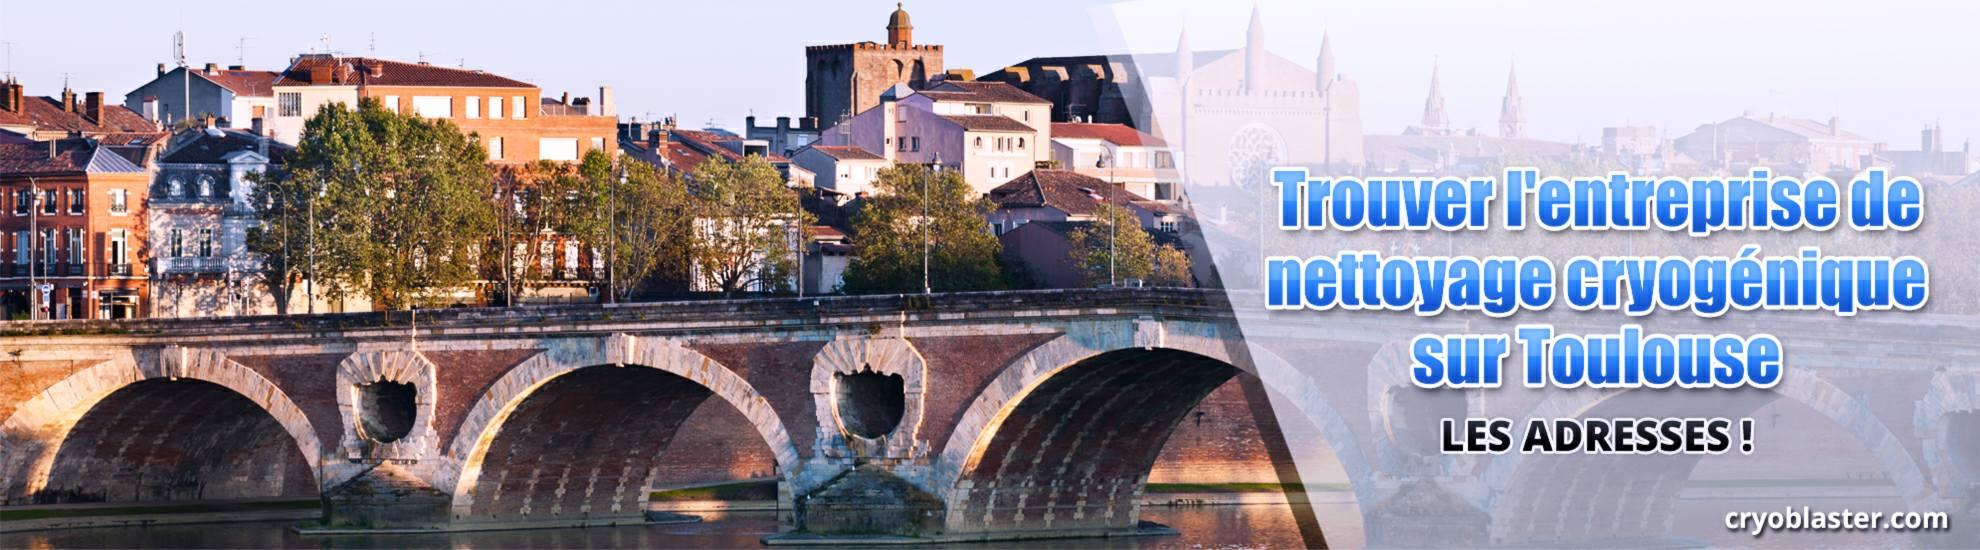 Entreprise nettoyage cryogénique Toulouse